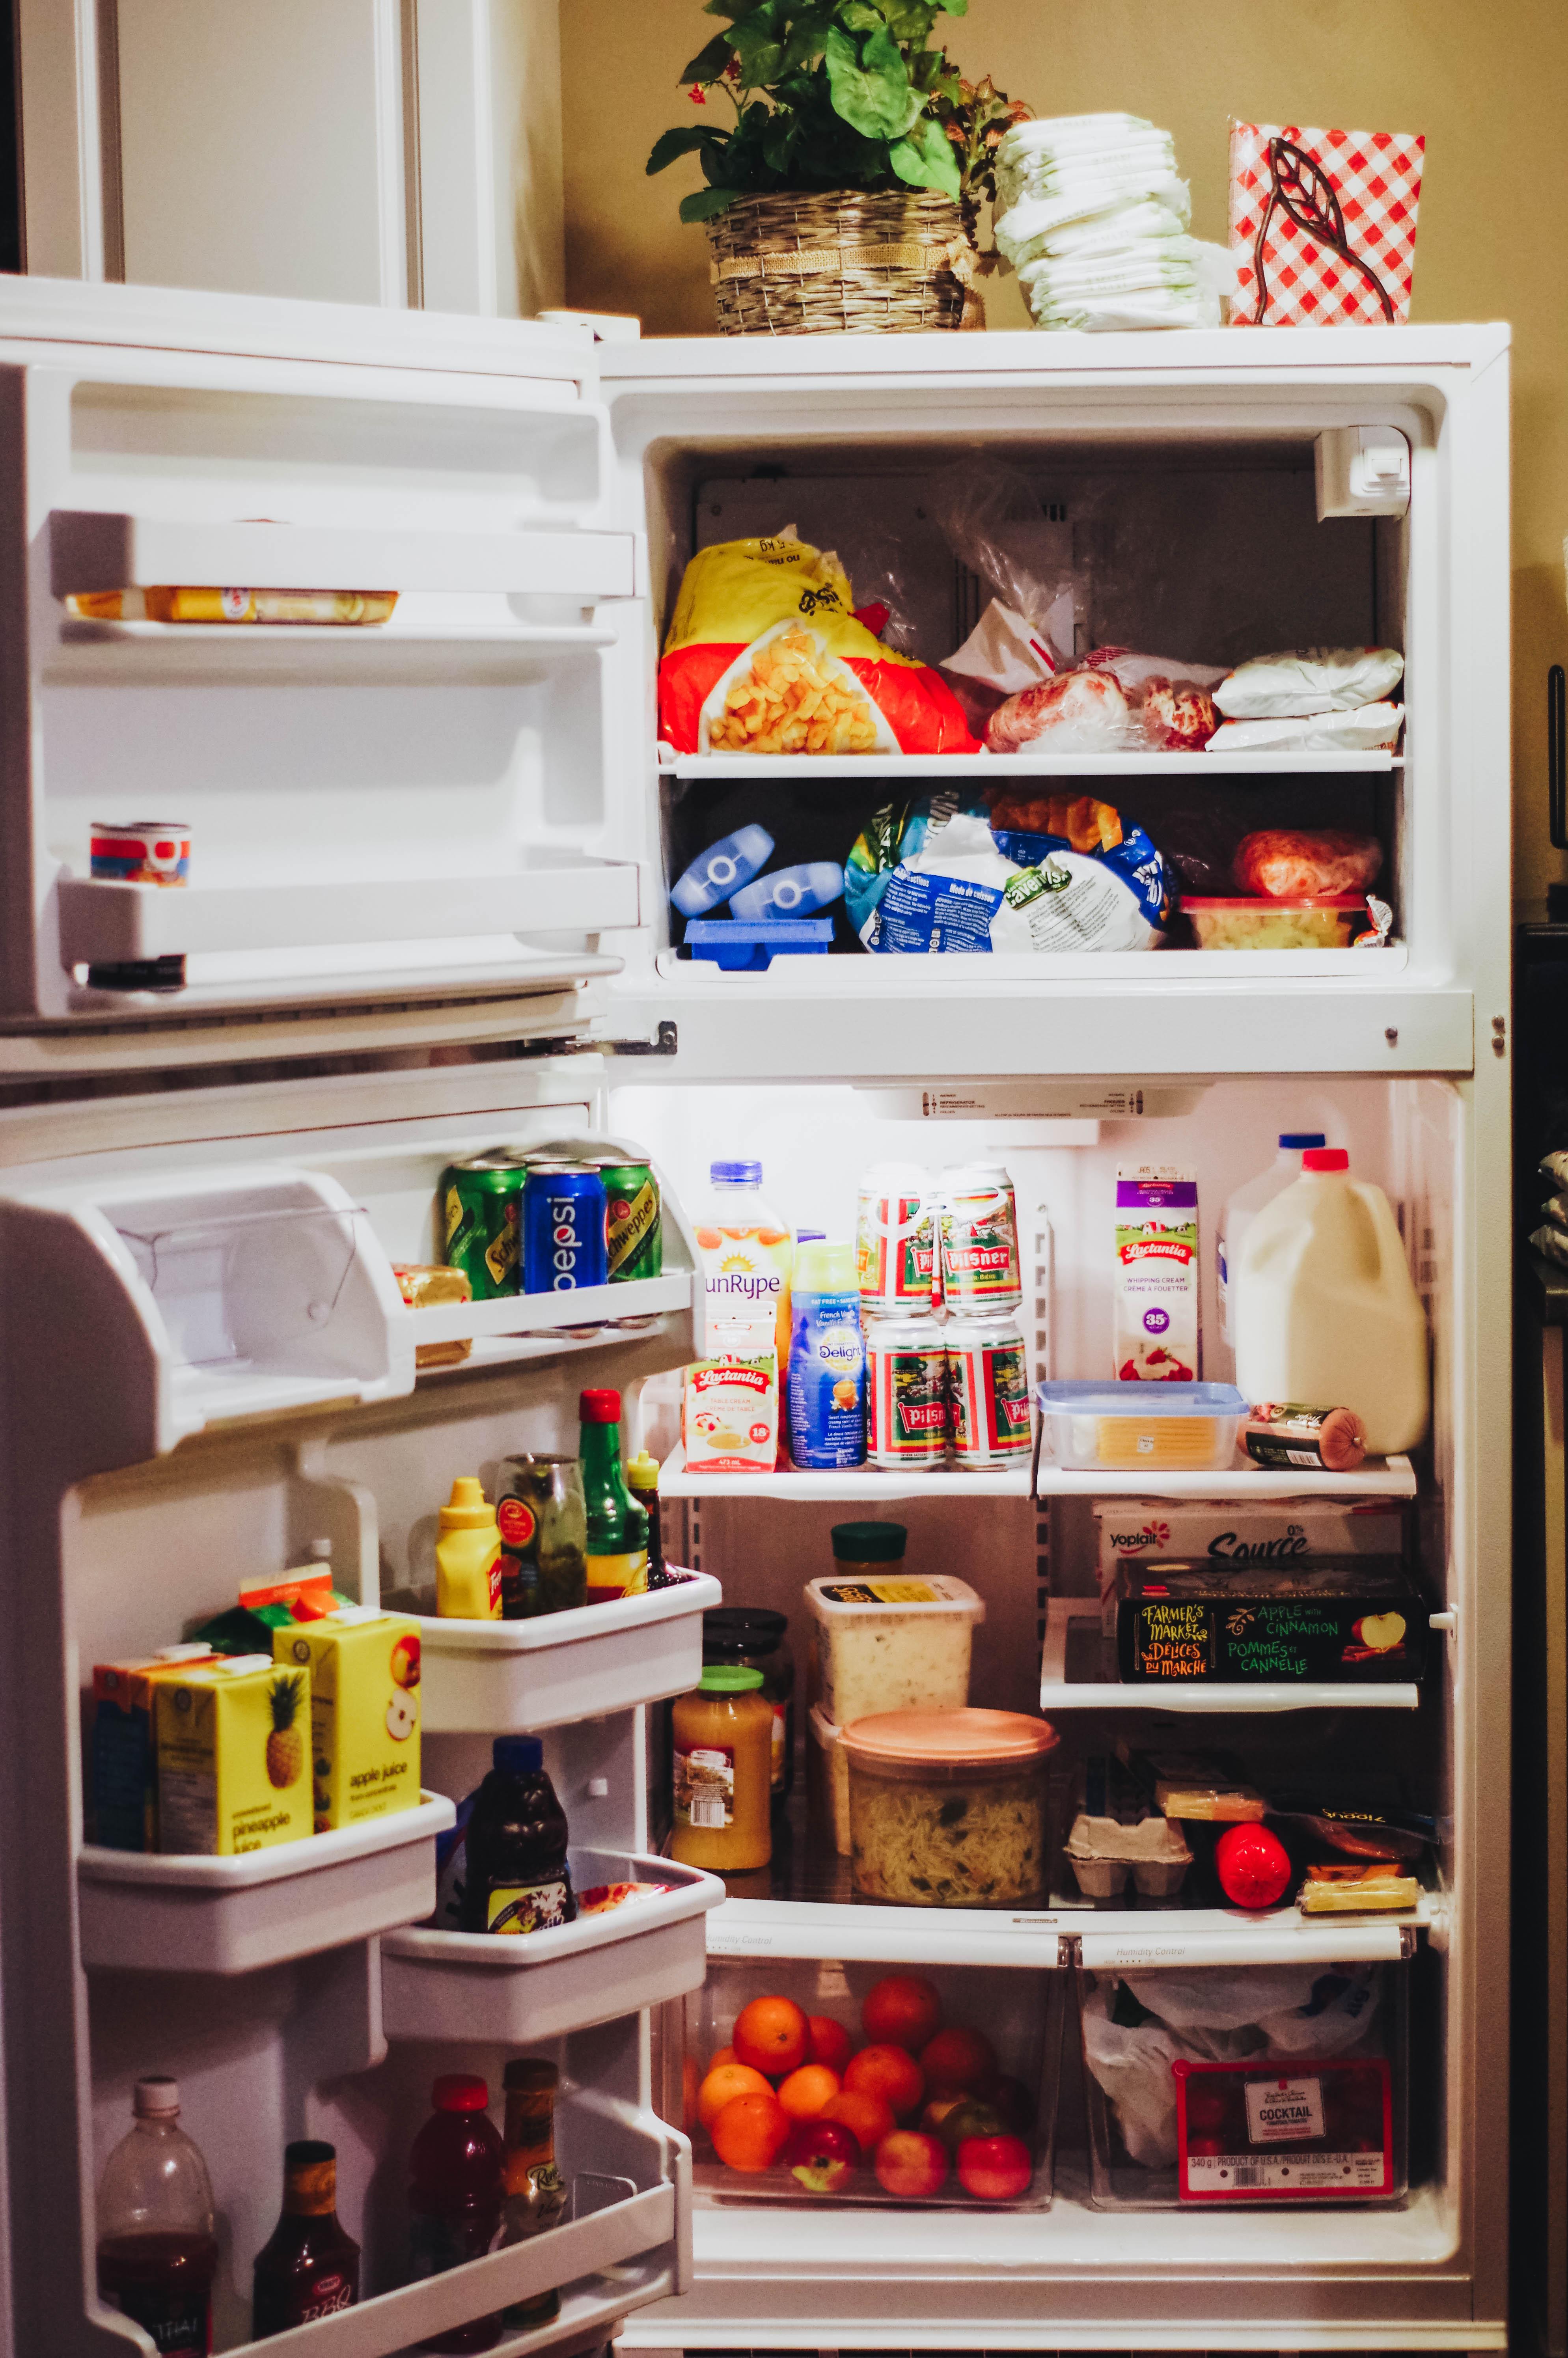 volle koelkast